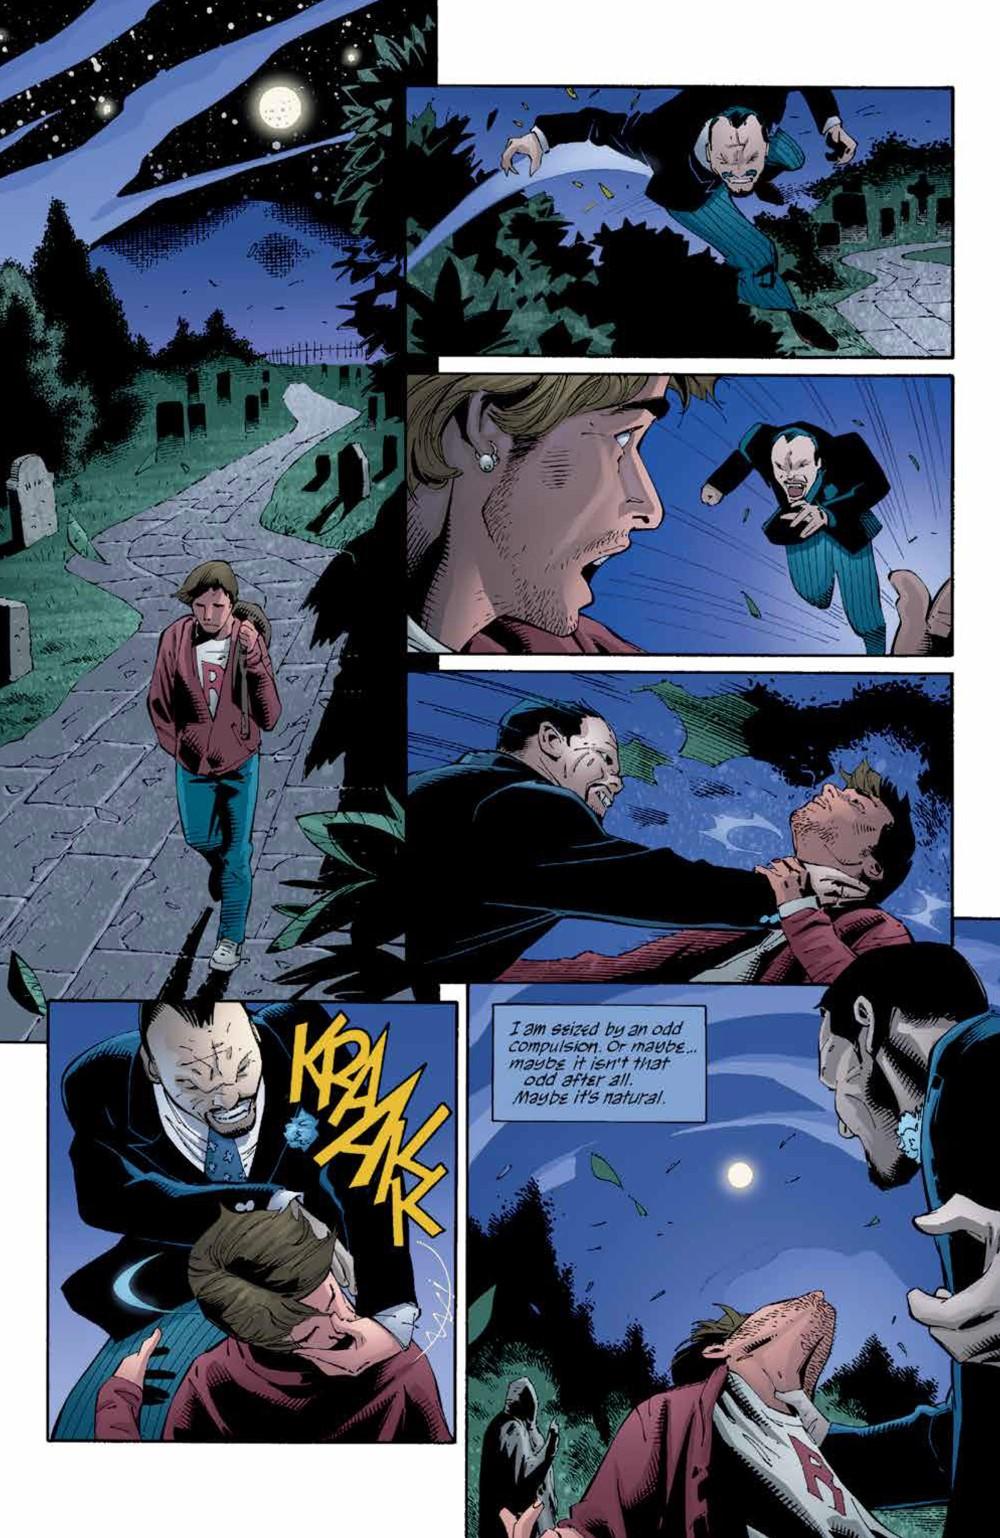 Buffy_Legacy_v5_SC_PRESS_19 ComicList Previews: BUFFY VAMPIRE SLAYER LEGACY EDITION VOLUME 5 TP